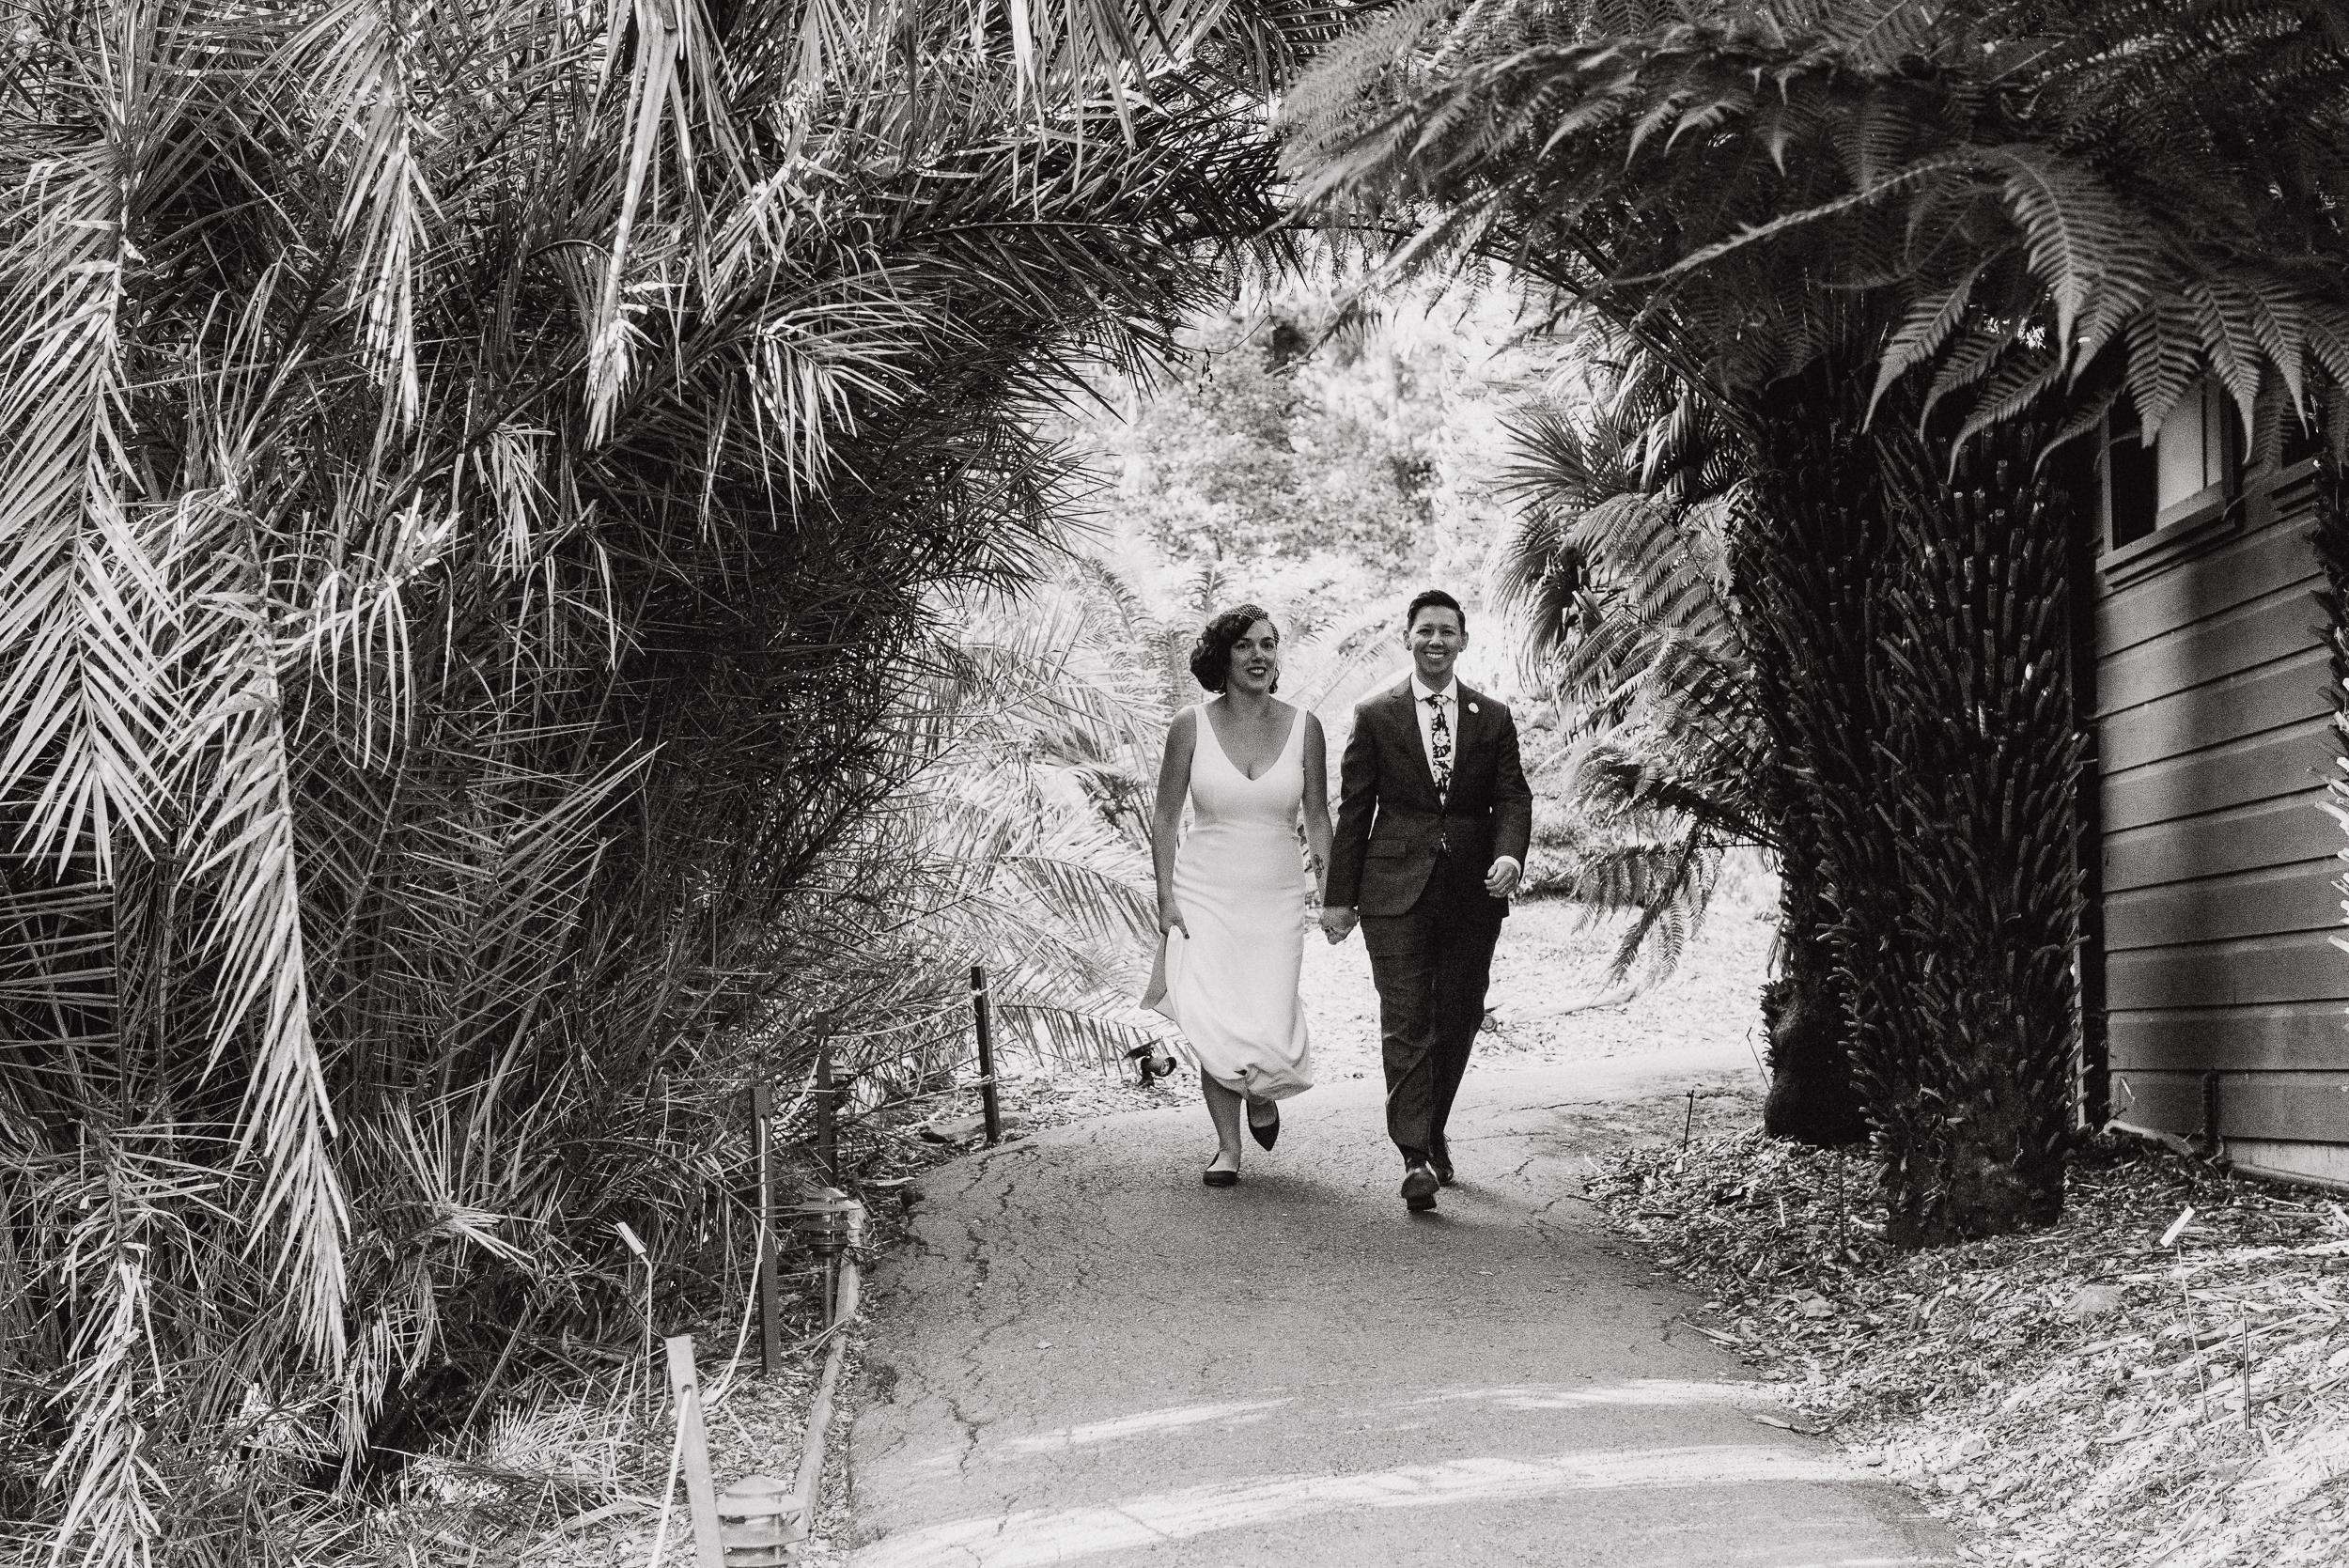 lgbtq-uc-berkeley-botanical-garden-wedding-vivianchen-063.jpg